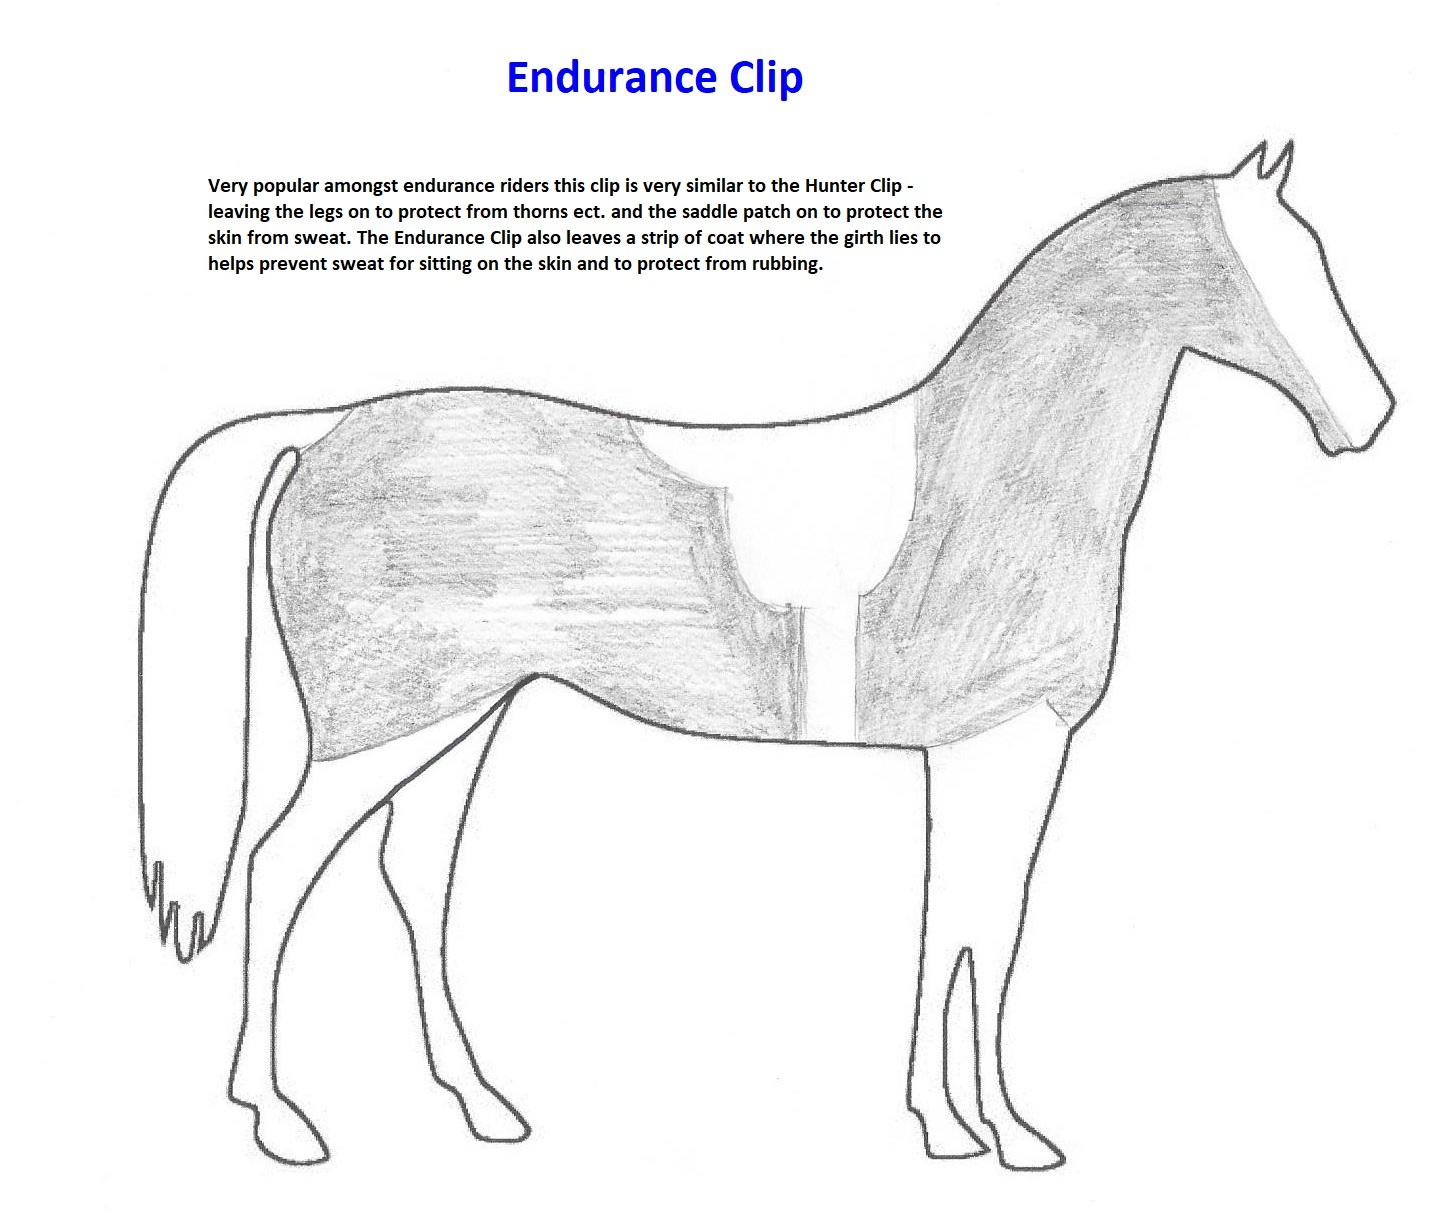 Endurance Clip